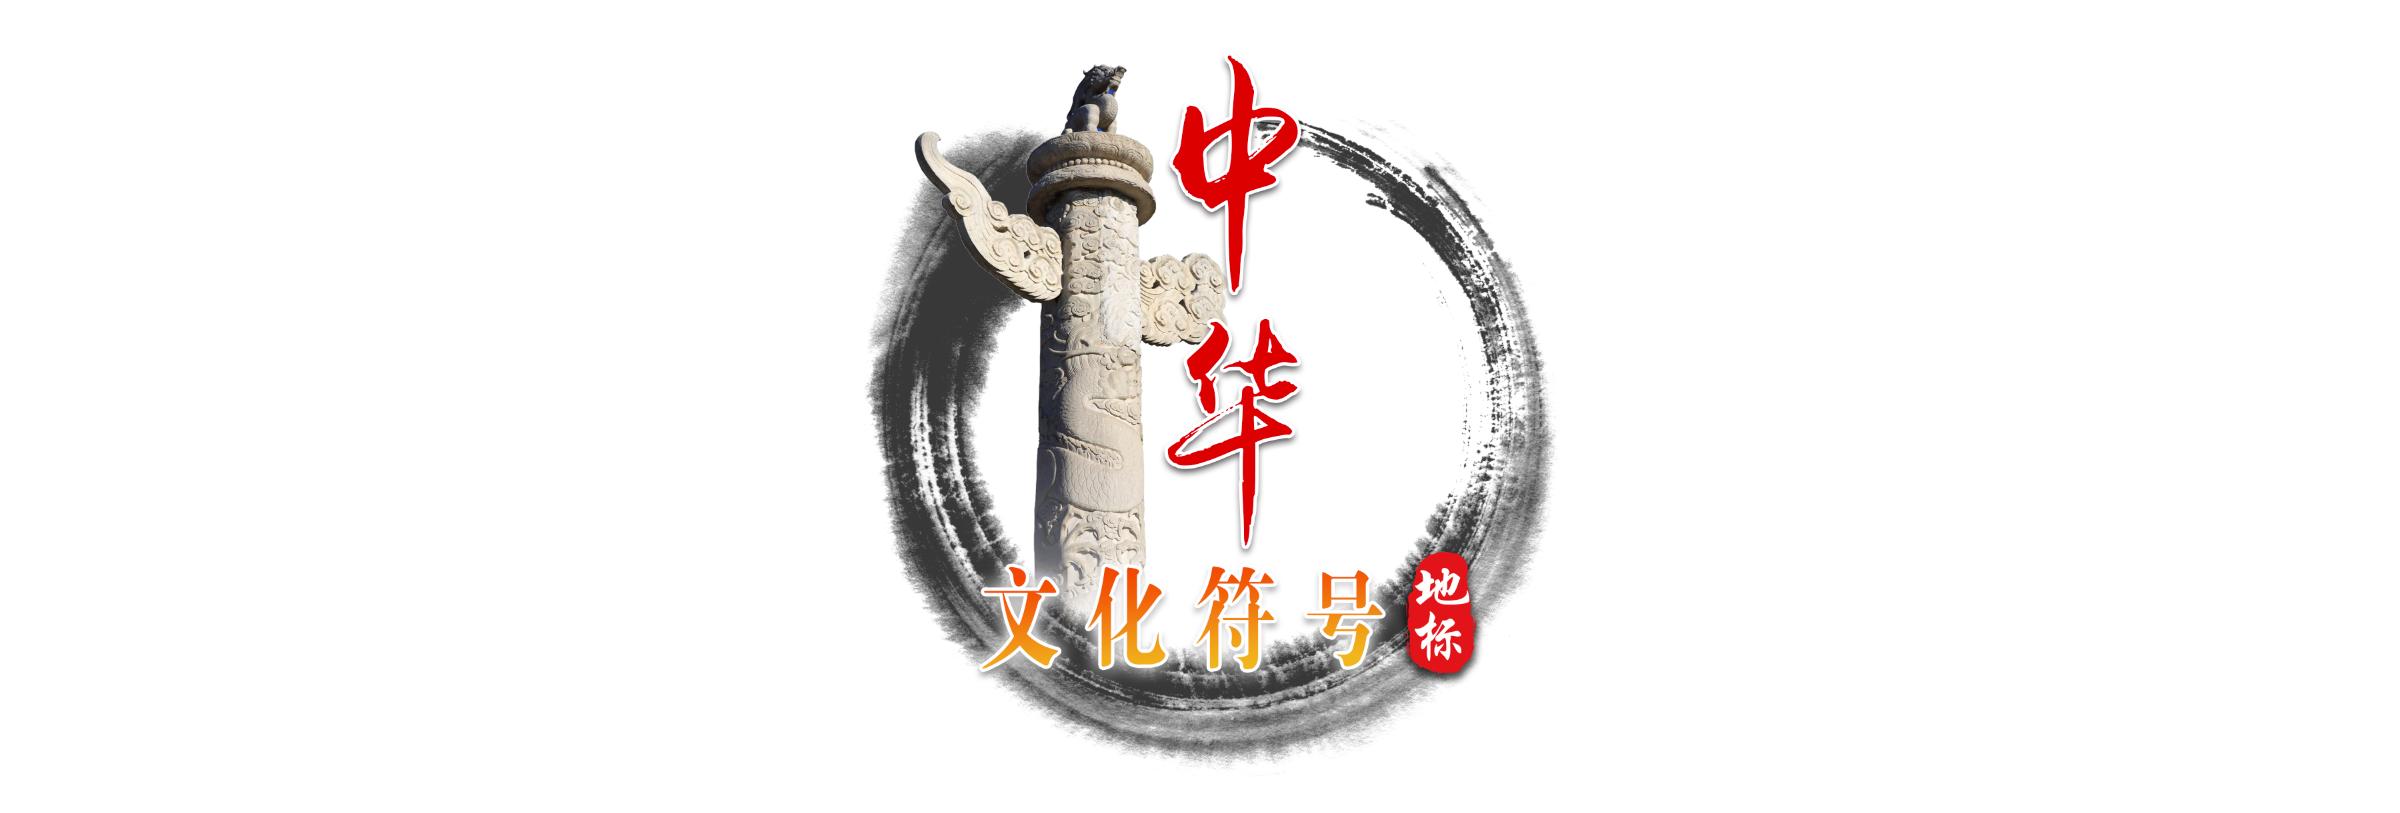 中華文化符號(hao)?地標